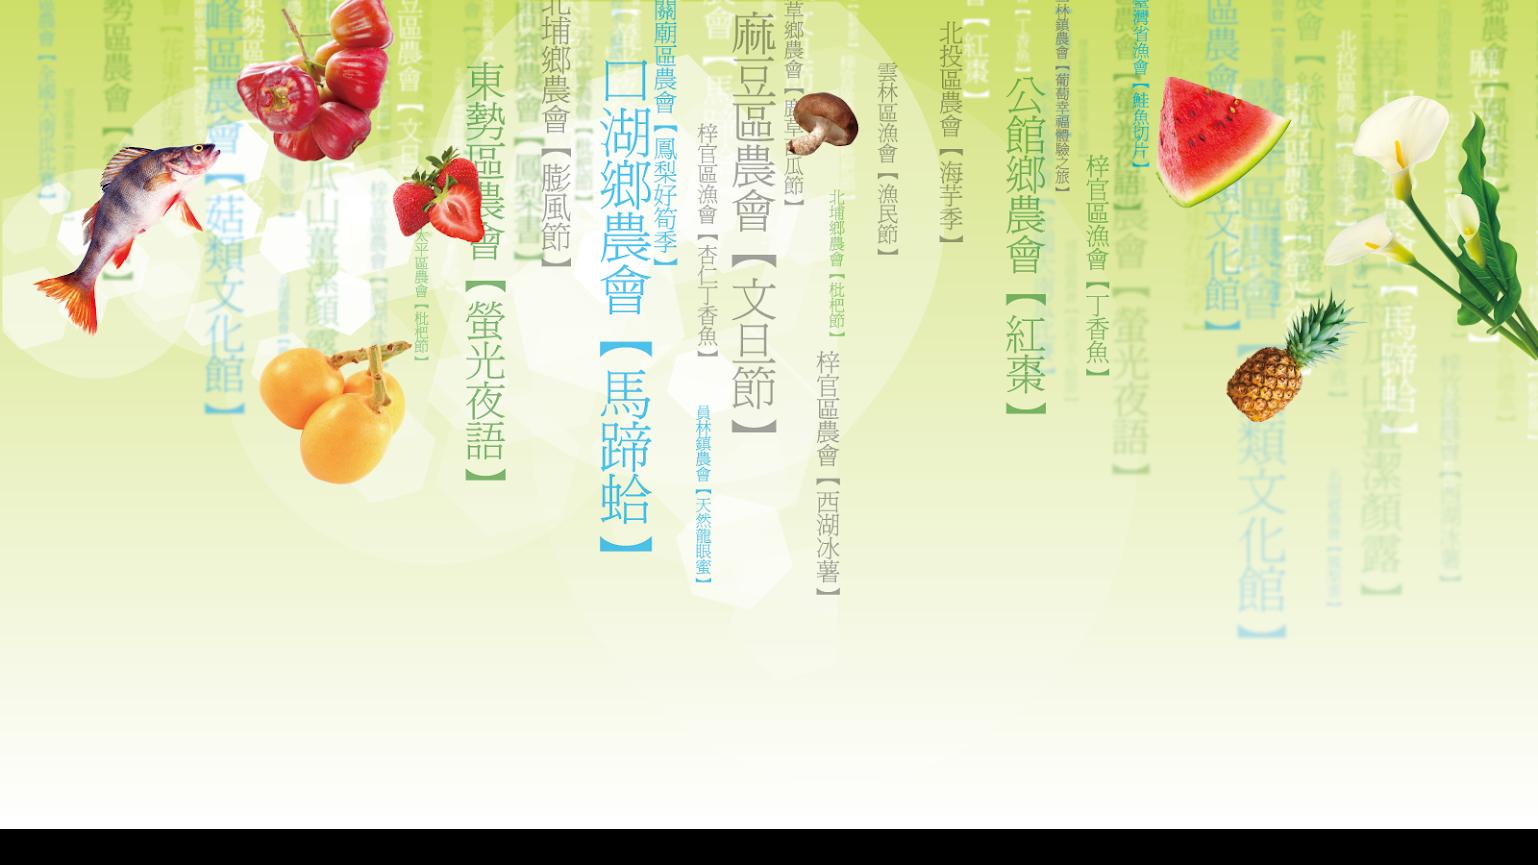 taiwanfreshbg-new